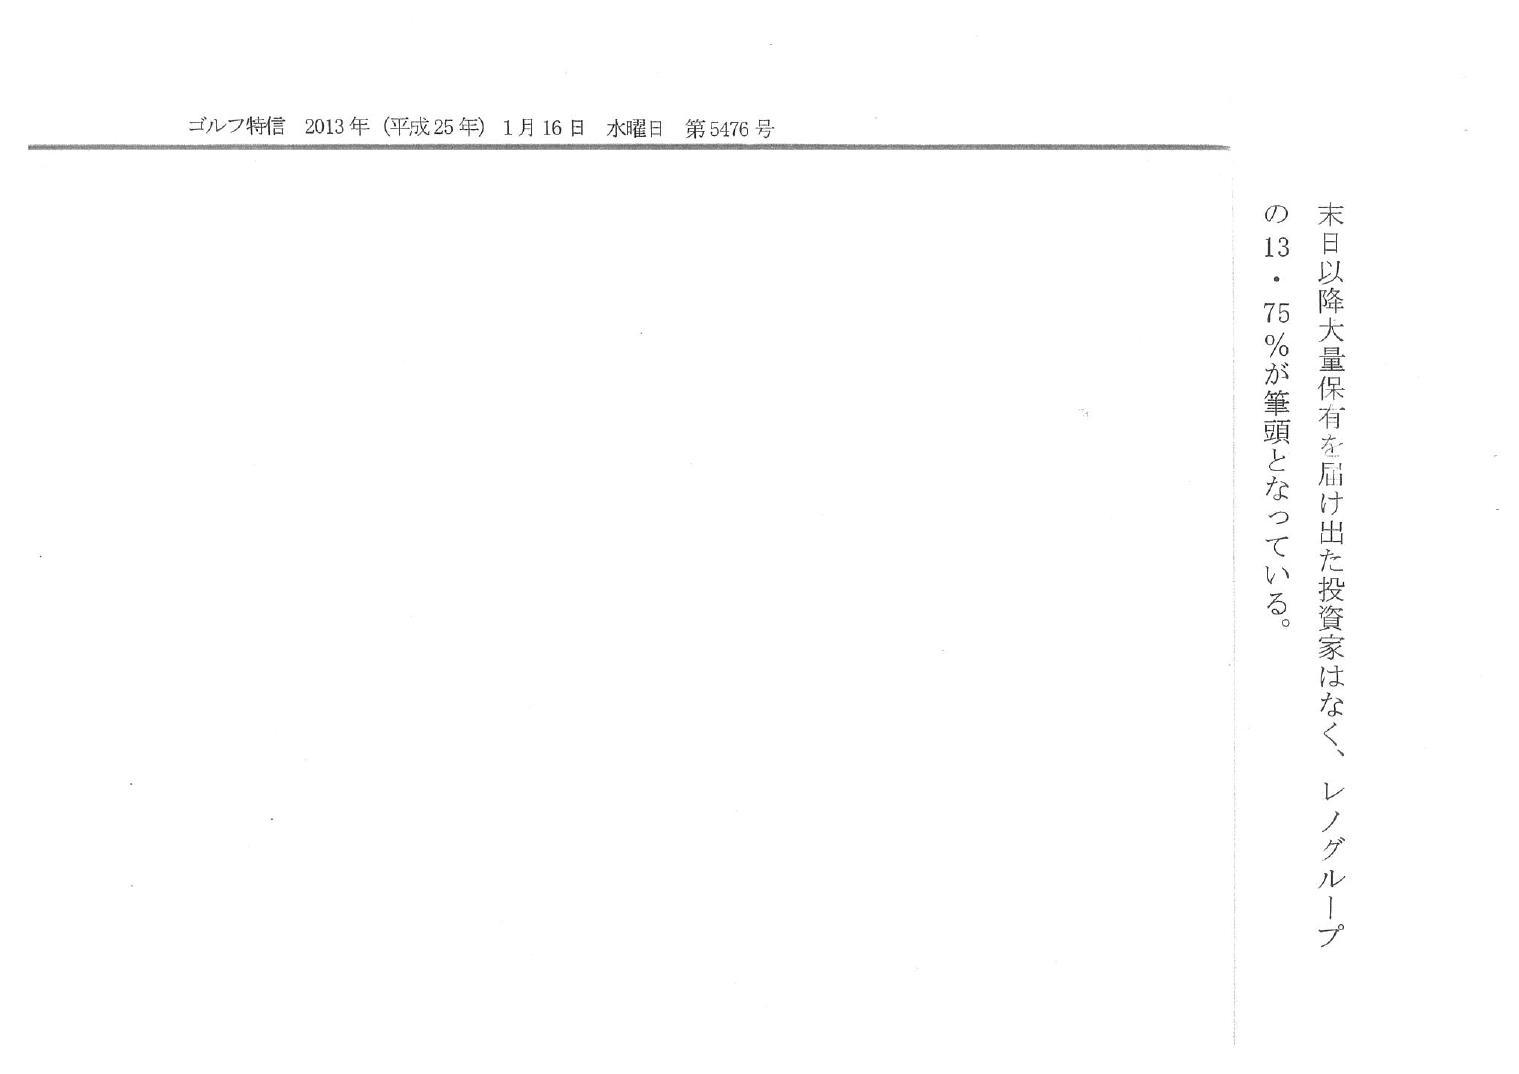 GTokushin_1301160003.jpg